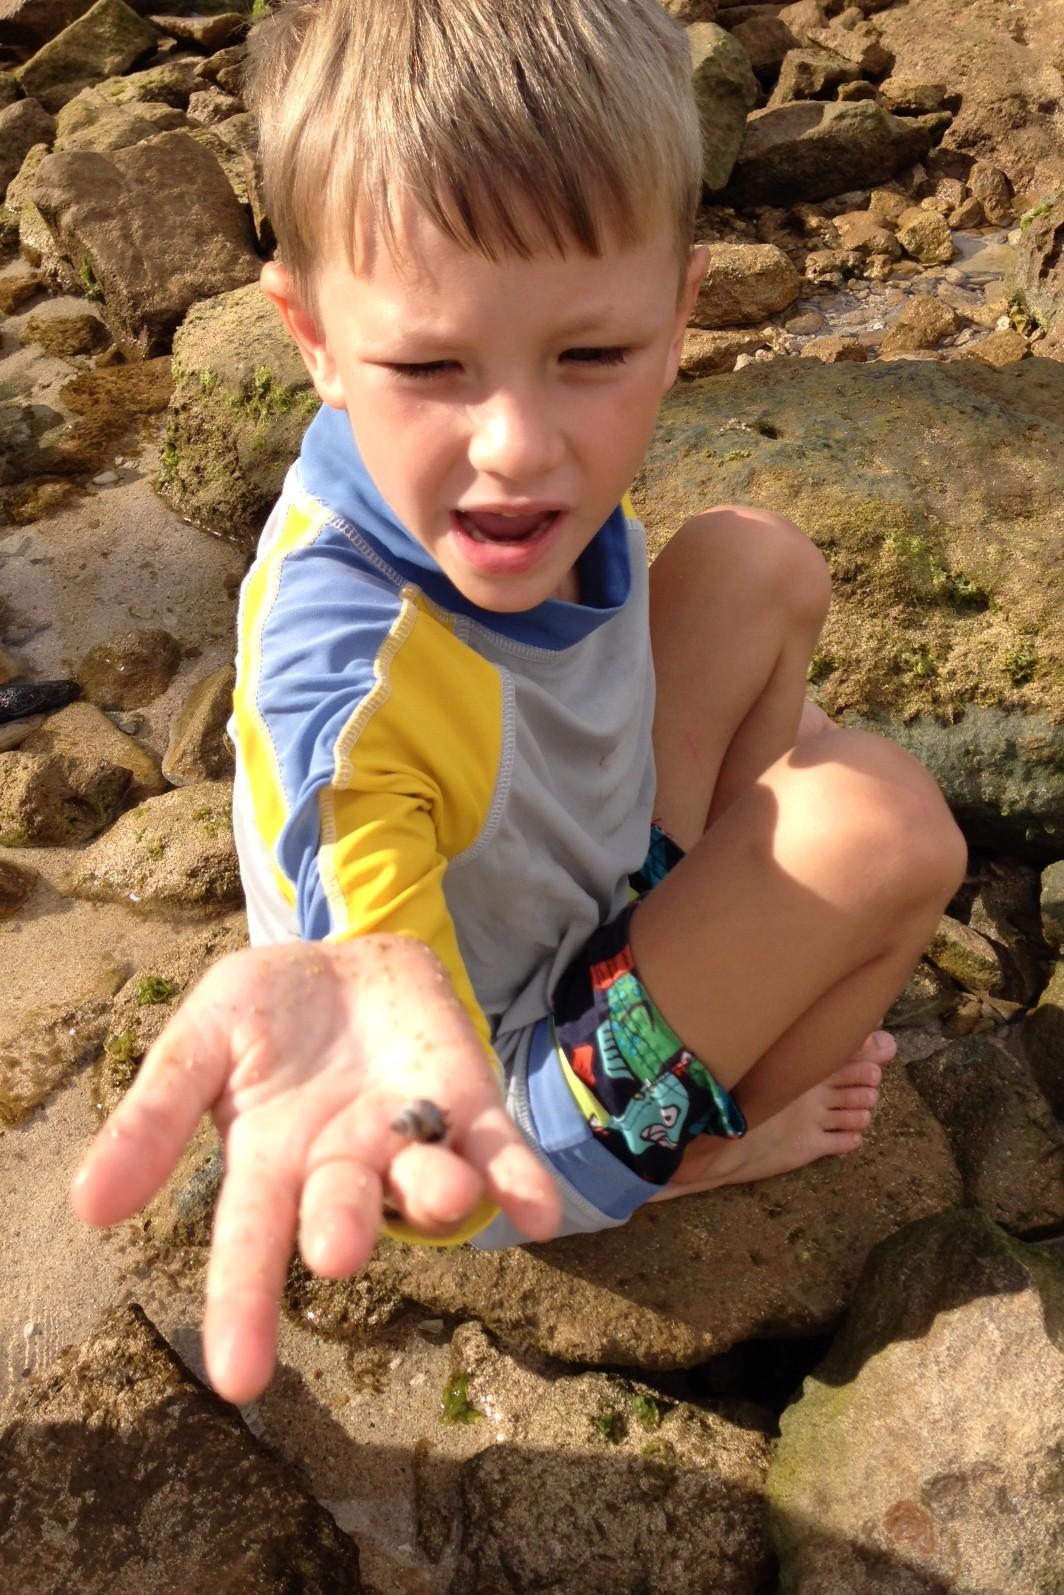 B crabbing